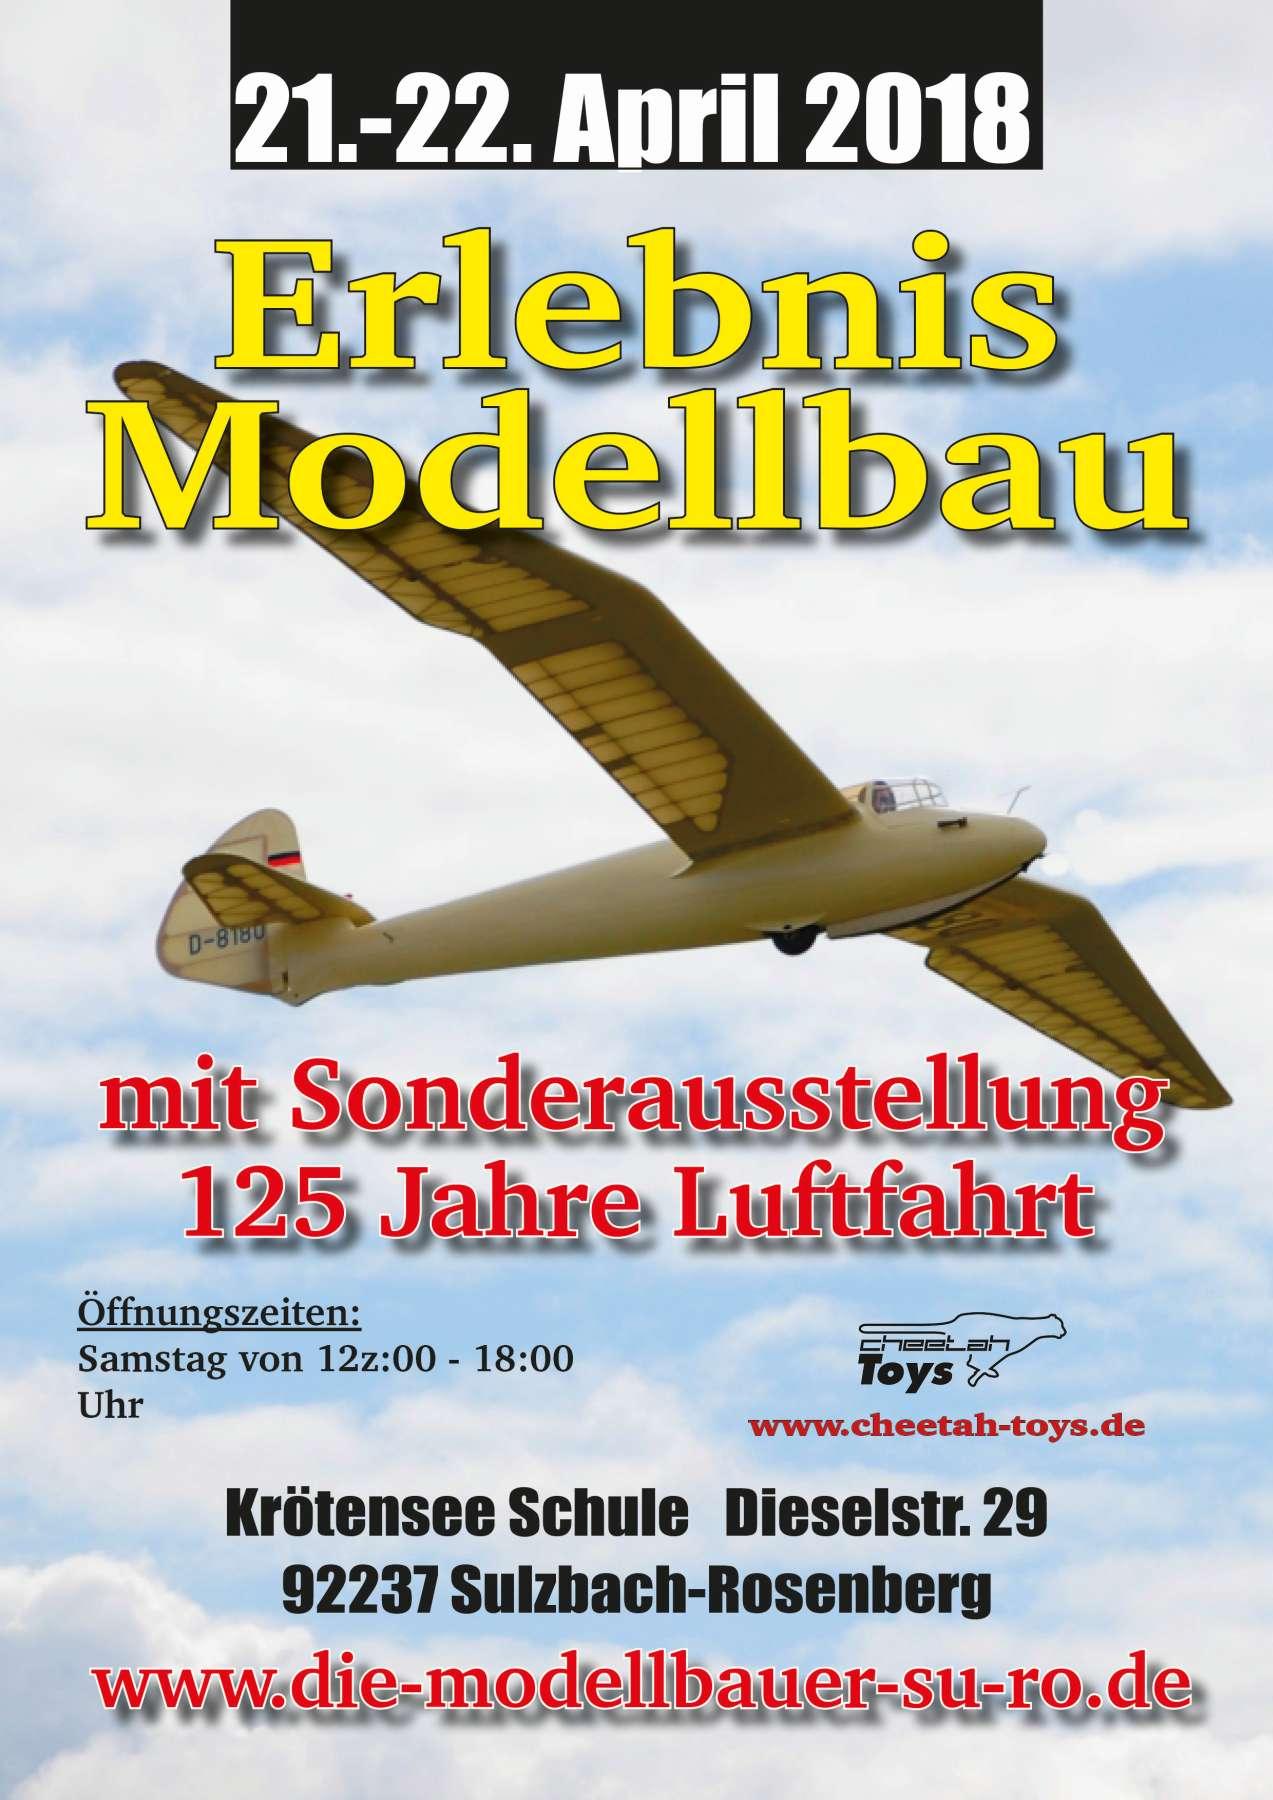 die modellbauer sulzbach-rosenberg - 2018 die modellbauer sulzbach